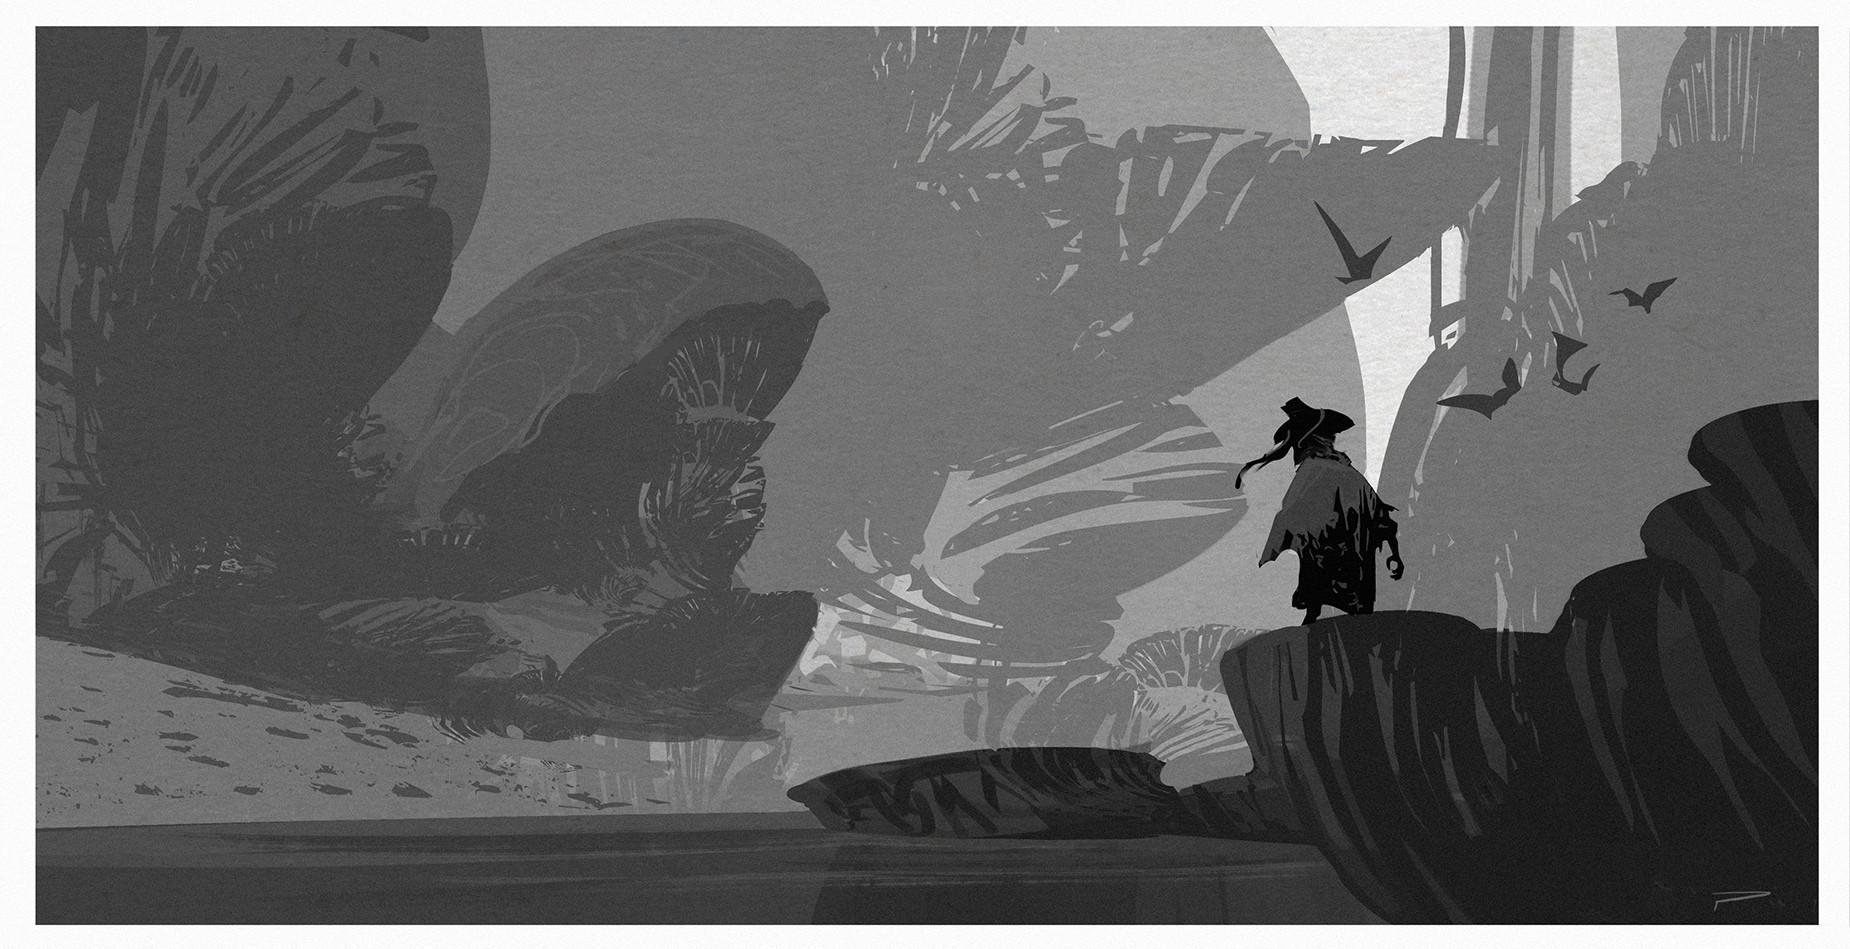 Hugo puzzuoli witch forest 01